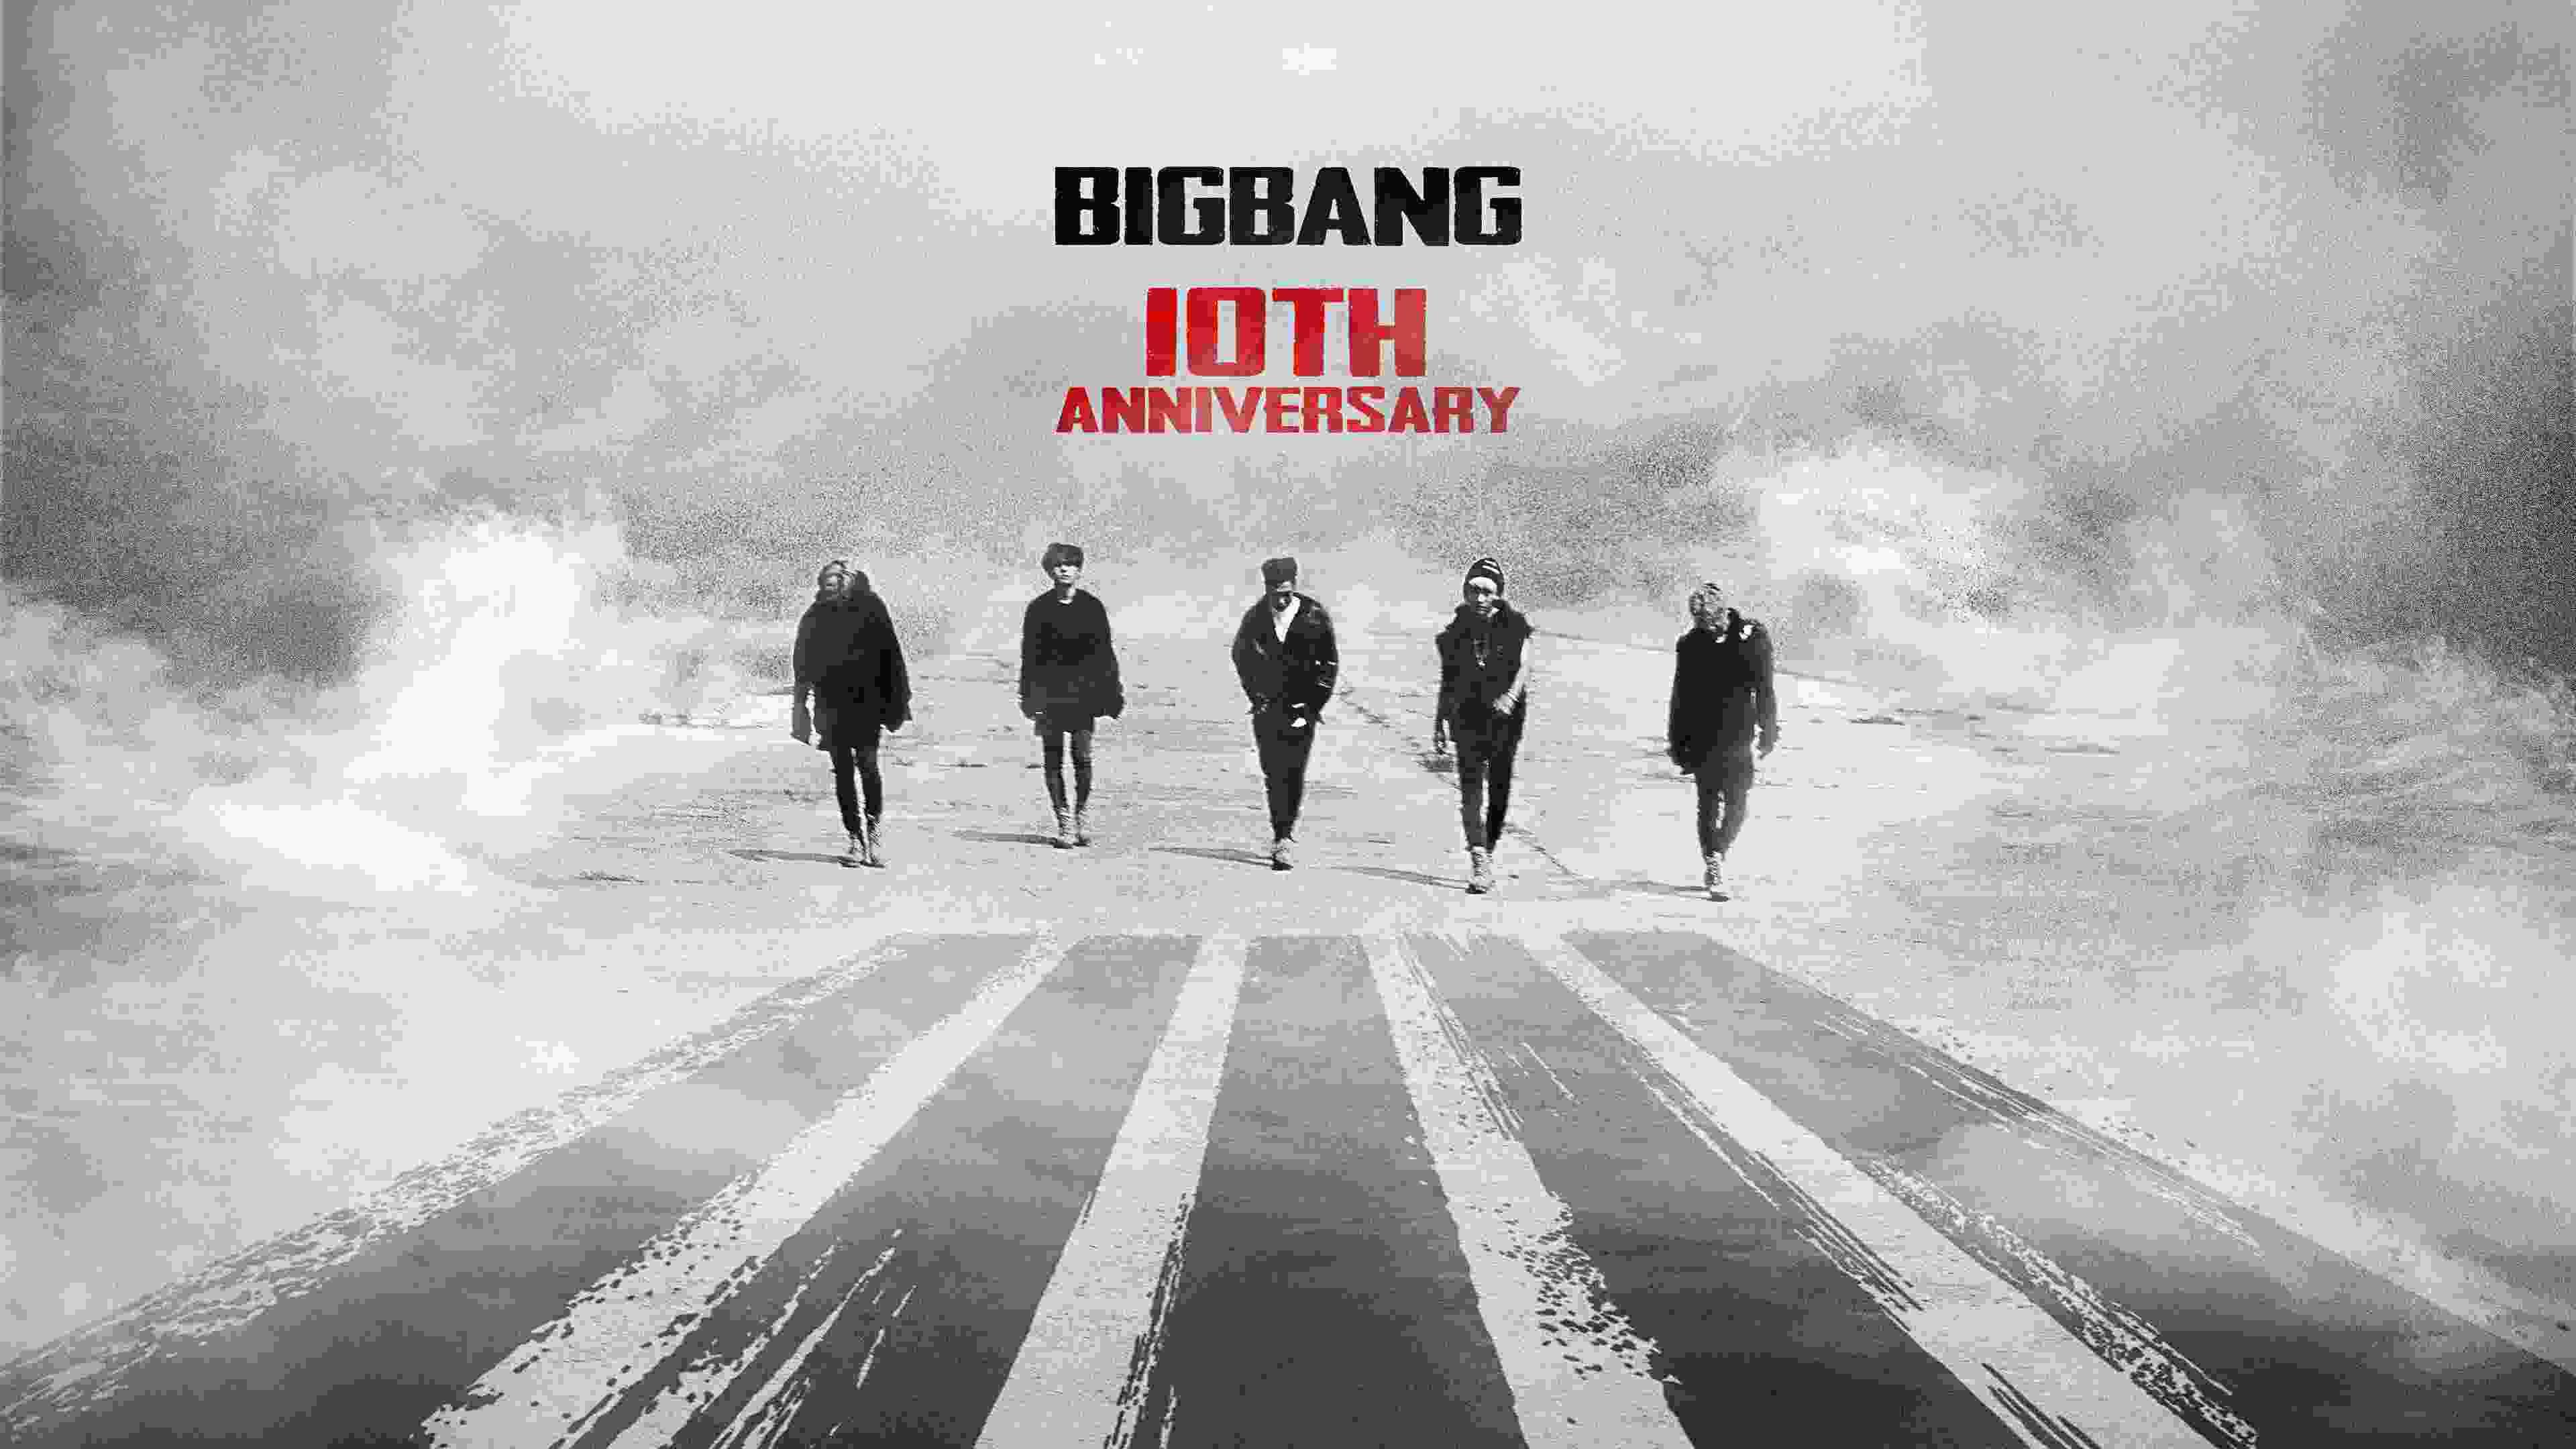 而BIGBANG能在10年間作為大勢團體,偶像中的偶像組合,除了歌舞實力外,每一位成員的自身魅力,也是VIP愛他們的重要原因。